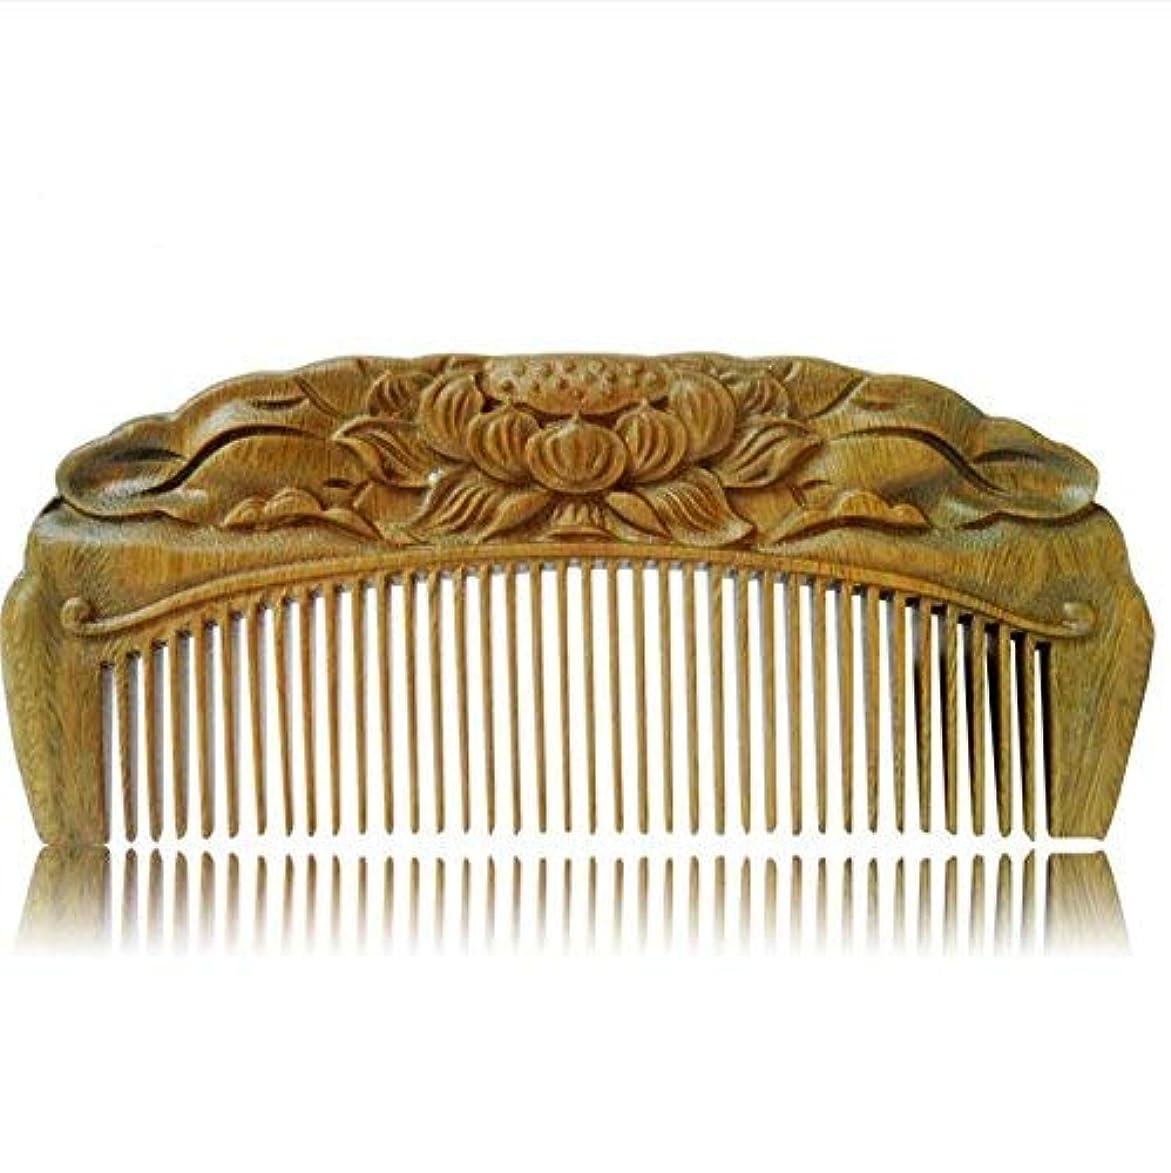 理容師証拠カウントアップHandmade Carved Natural Sandalwood Hair Comb - Anti-static Sandalwood Hair Comb Beard Brush Rake Comb Handmade...